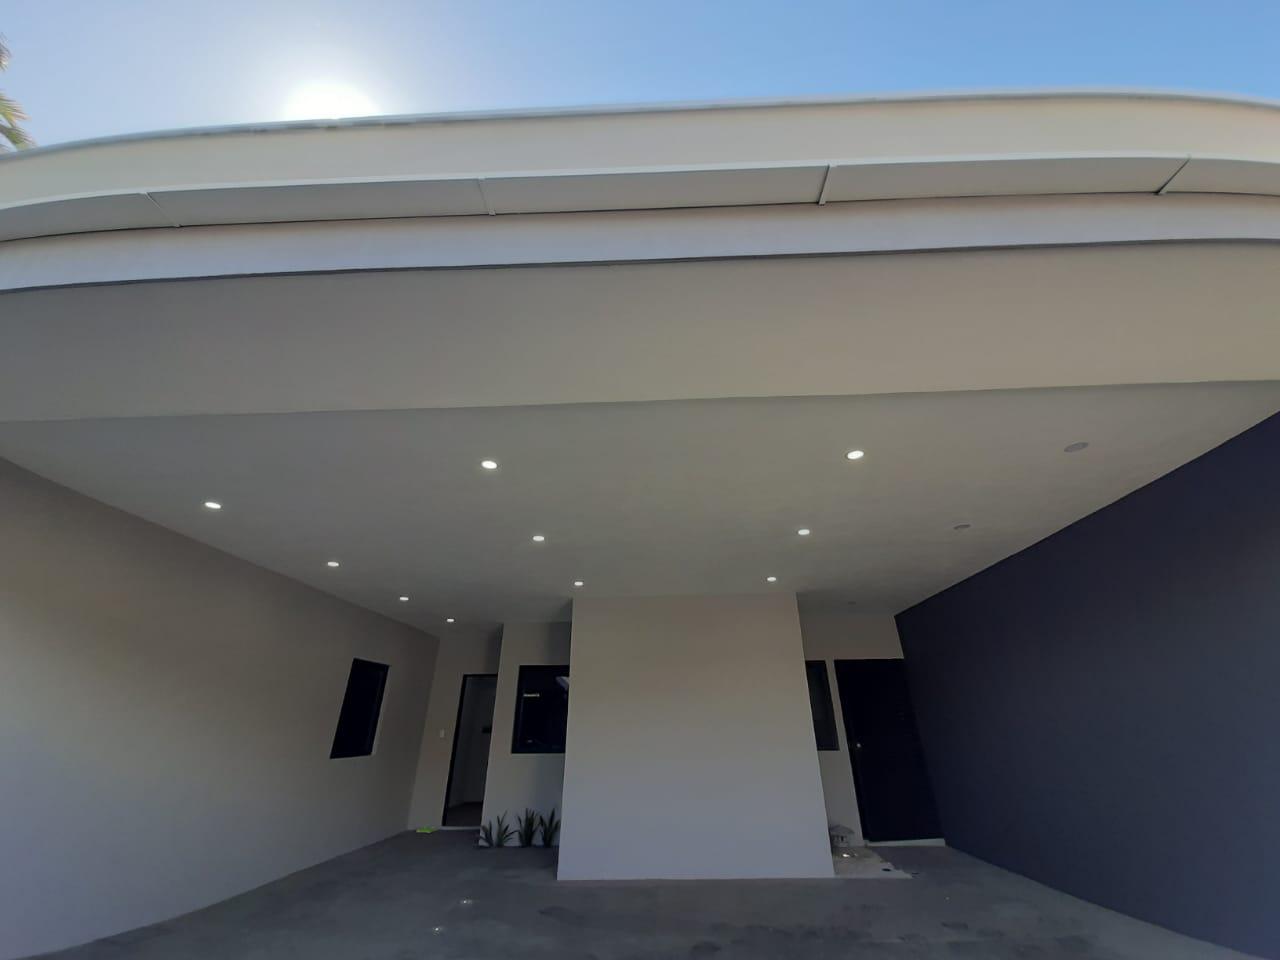 2786 Se vende propiedad con dos casas a estrenar Cubujuqui, Heredia.